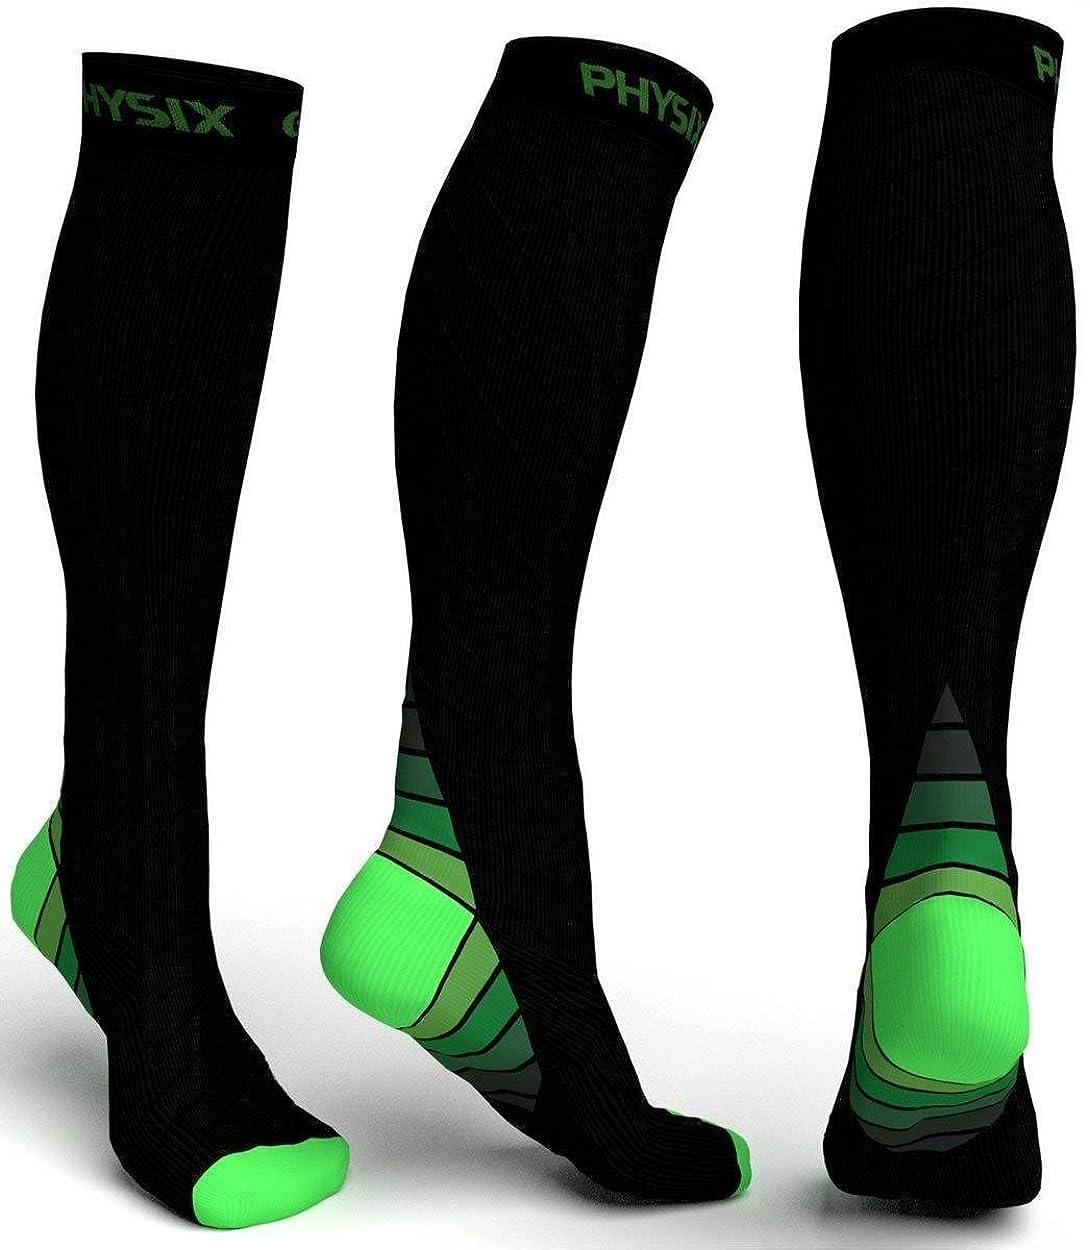 大いに優越疼痛Physix Gearコンプレッションソックス男性用/女性用(20?30 mmHg)最高の段階的なフィット ランニング、看護、過労性脛部痛、フライトトラベル&マタニティ妊娠 – スタミナ、循環&回復 (BLACK & GREEN L-XL)